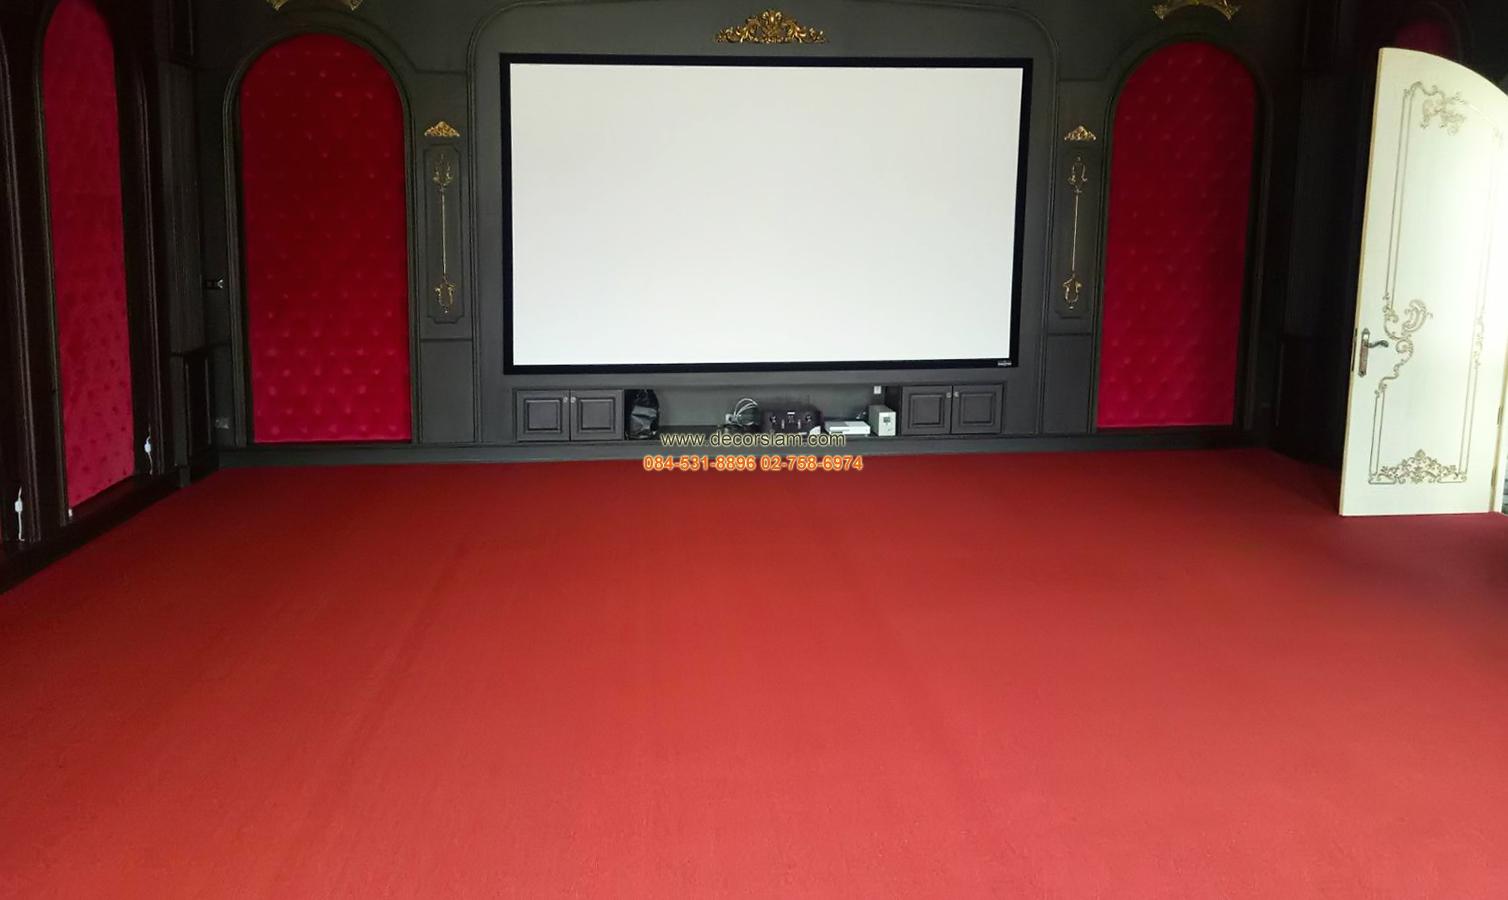 พรมทอติดห้องชมภาพยนตร์